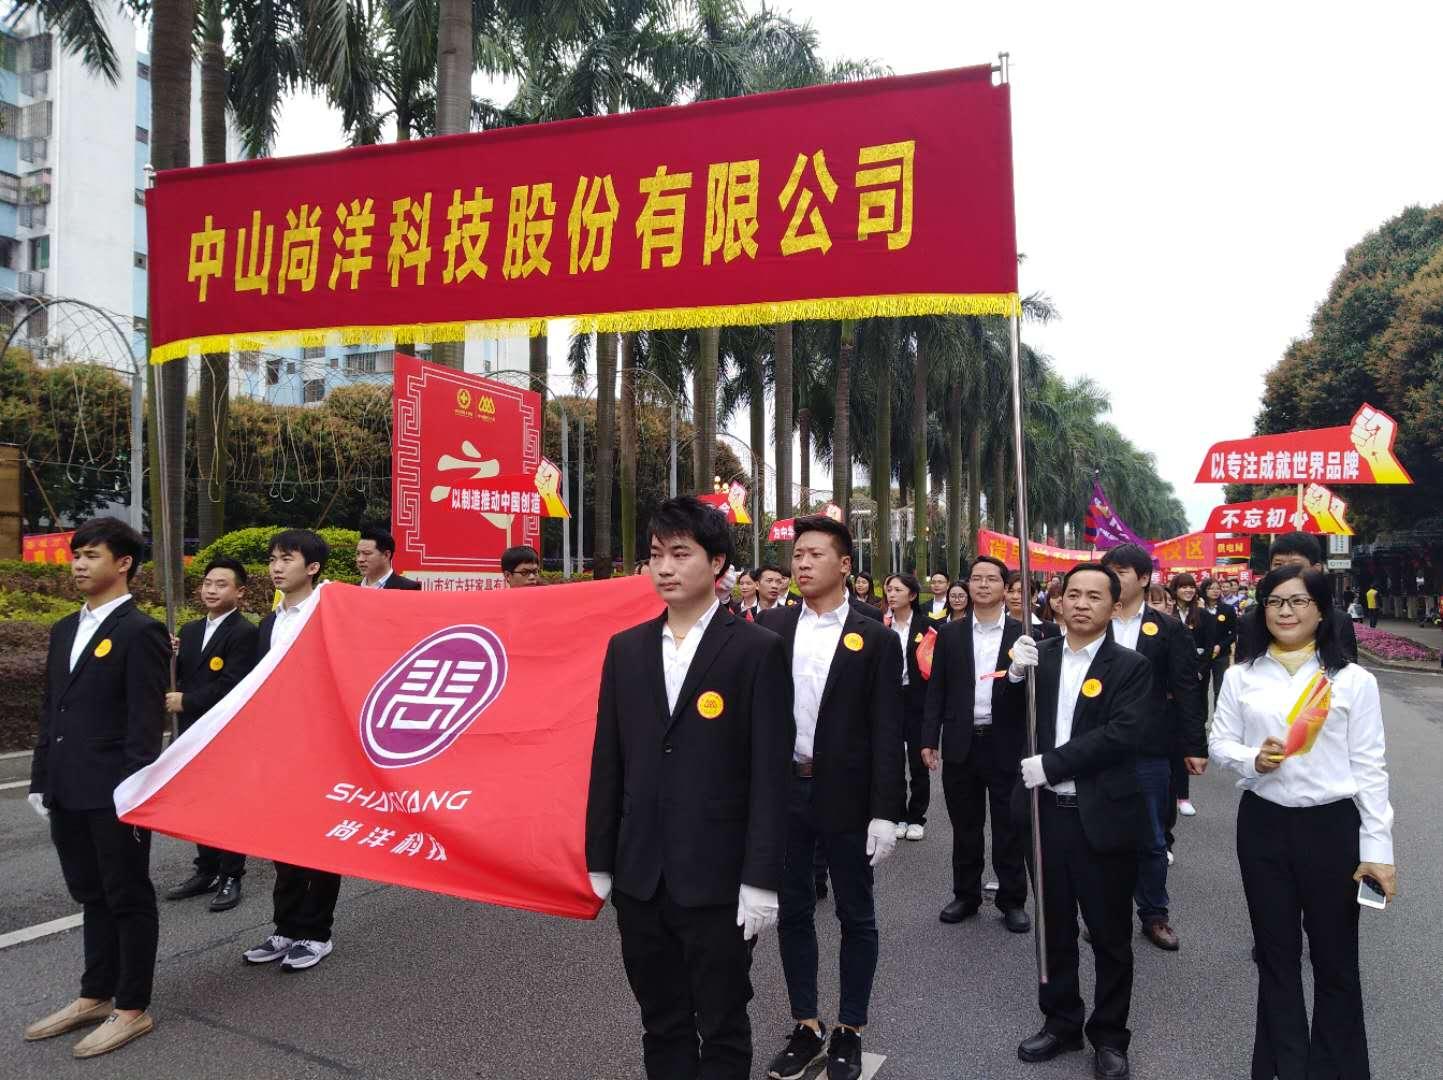 中山尚洋科技股份有限公司_才通国际人才网_job001.cn